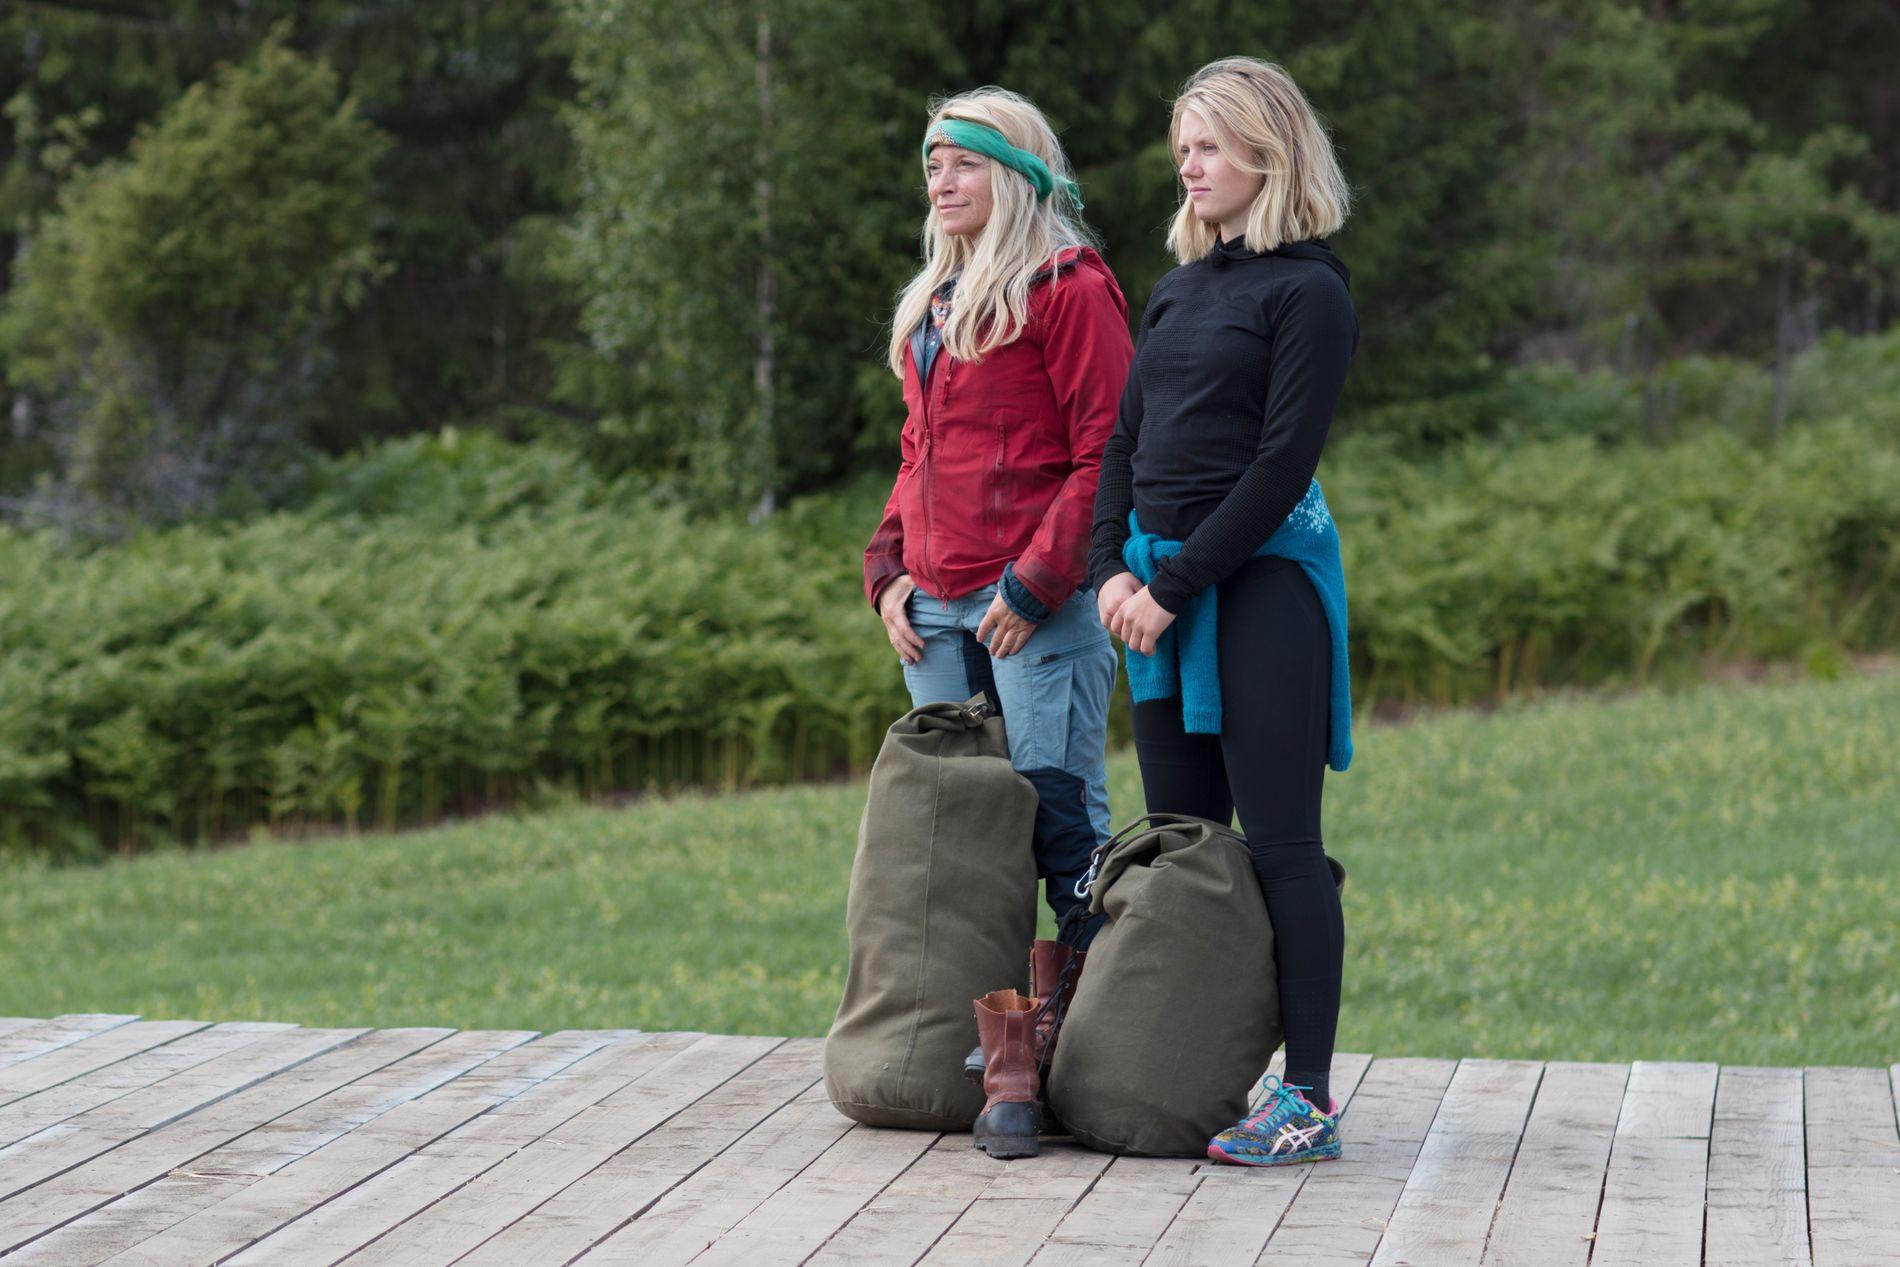 UTE: Trude Mostue tapte søndagens tvekamp mot Tiril Sjåstad Christiansen, og måtte dermed forlate «Farmen»-gården. Nå venter sidekonkurransen «Torpet».